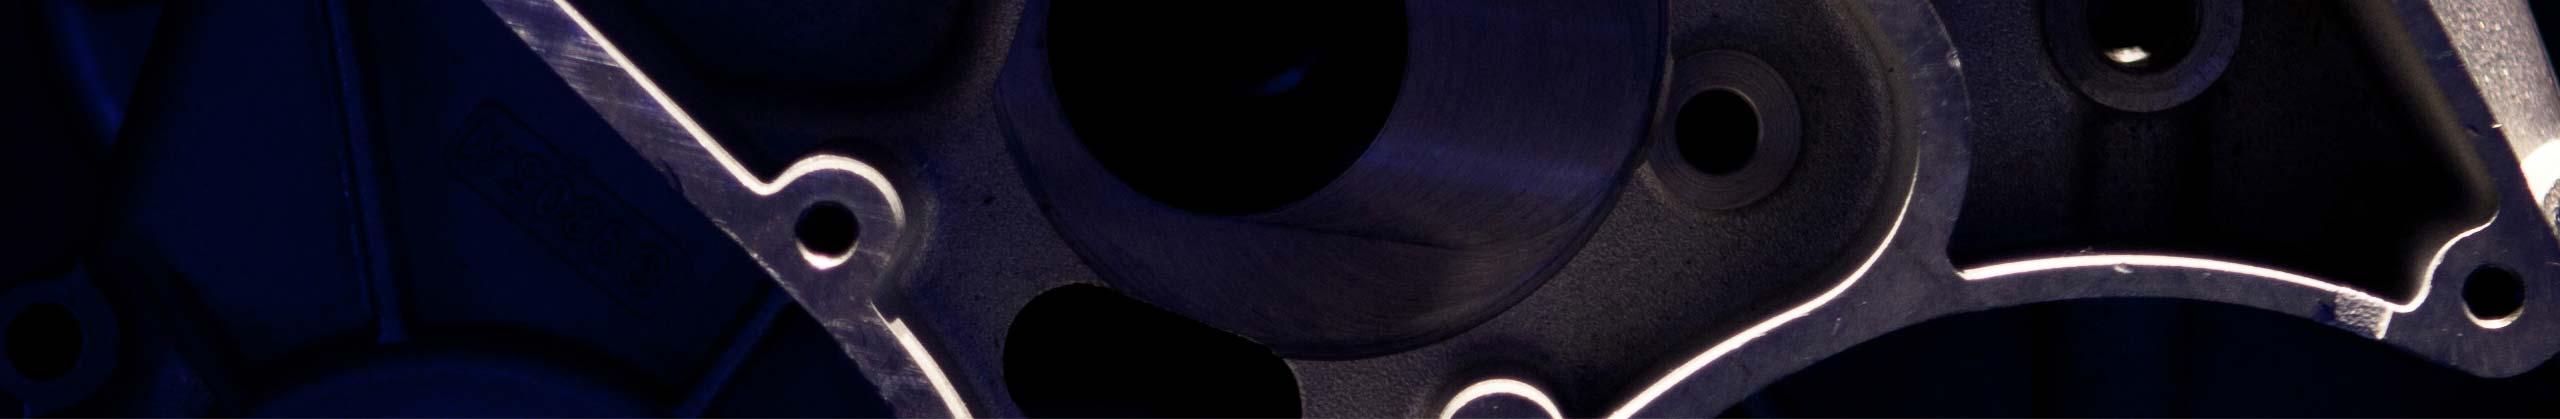 italpres, 70 Jahre Entwicklung und Herstellung von Werkzeugen und Qualitäts-Aluminiumdruckguss